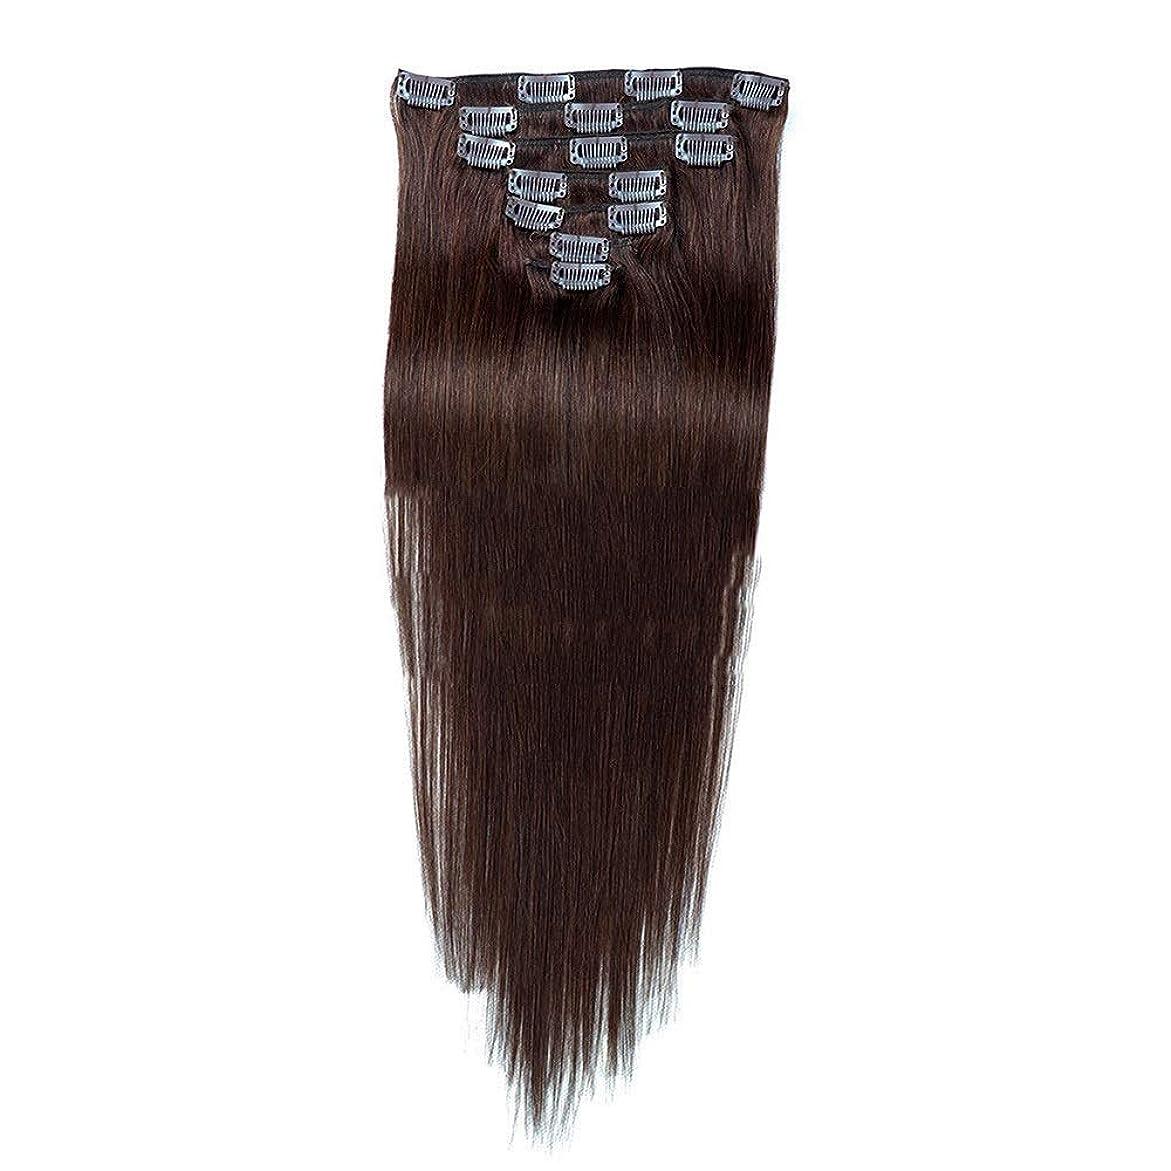 一緒に解放コークスHOHYLLYA 7ピースクリップヘアエクステンション22インチフルヘッド - 100%Remy人間の髪 - #2ダークブラウンストレート100gロールプレイングかつら女性のかつら (色 : #2 Dark Brown)